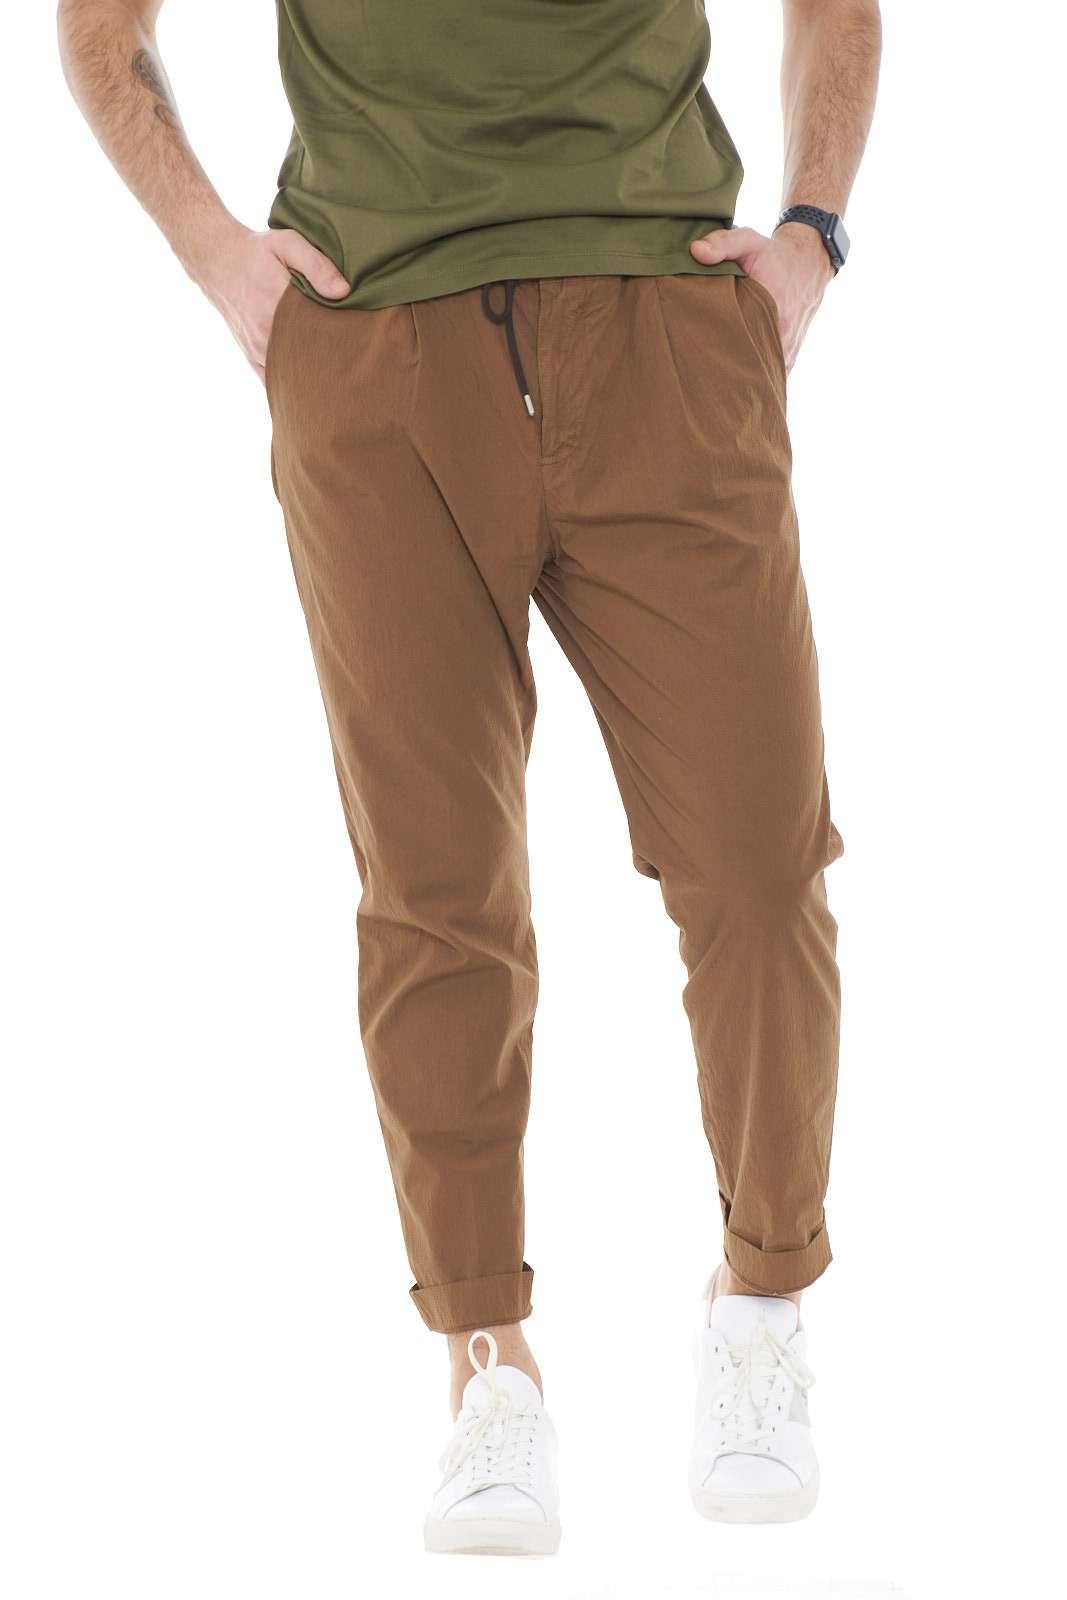 Un pantalone trattato per dare aspetto e caratteristiche particolari, firmato Jeordie's.  Perfetto per outfit formali, trendy e impeccabili, dove con stupirai con stile e semplicità.